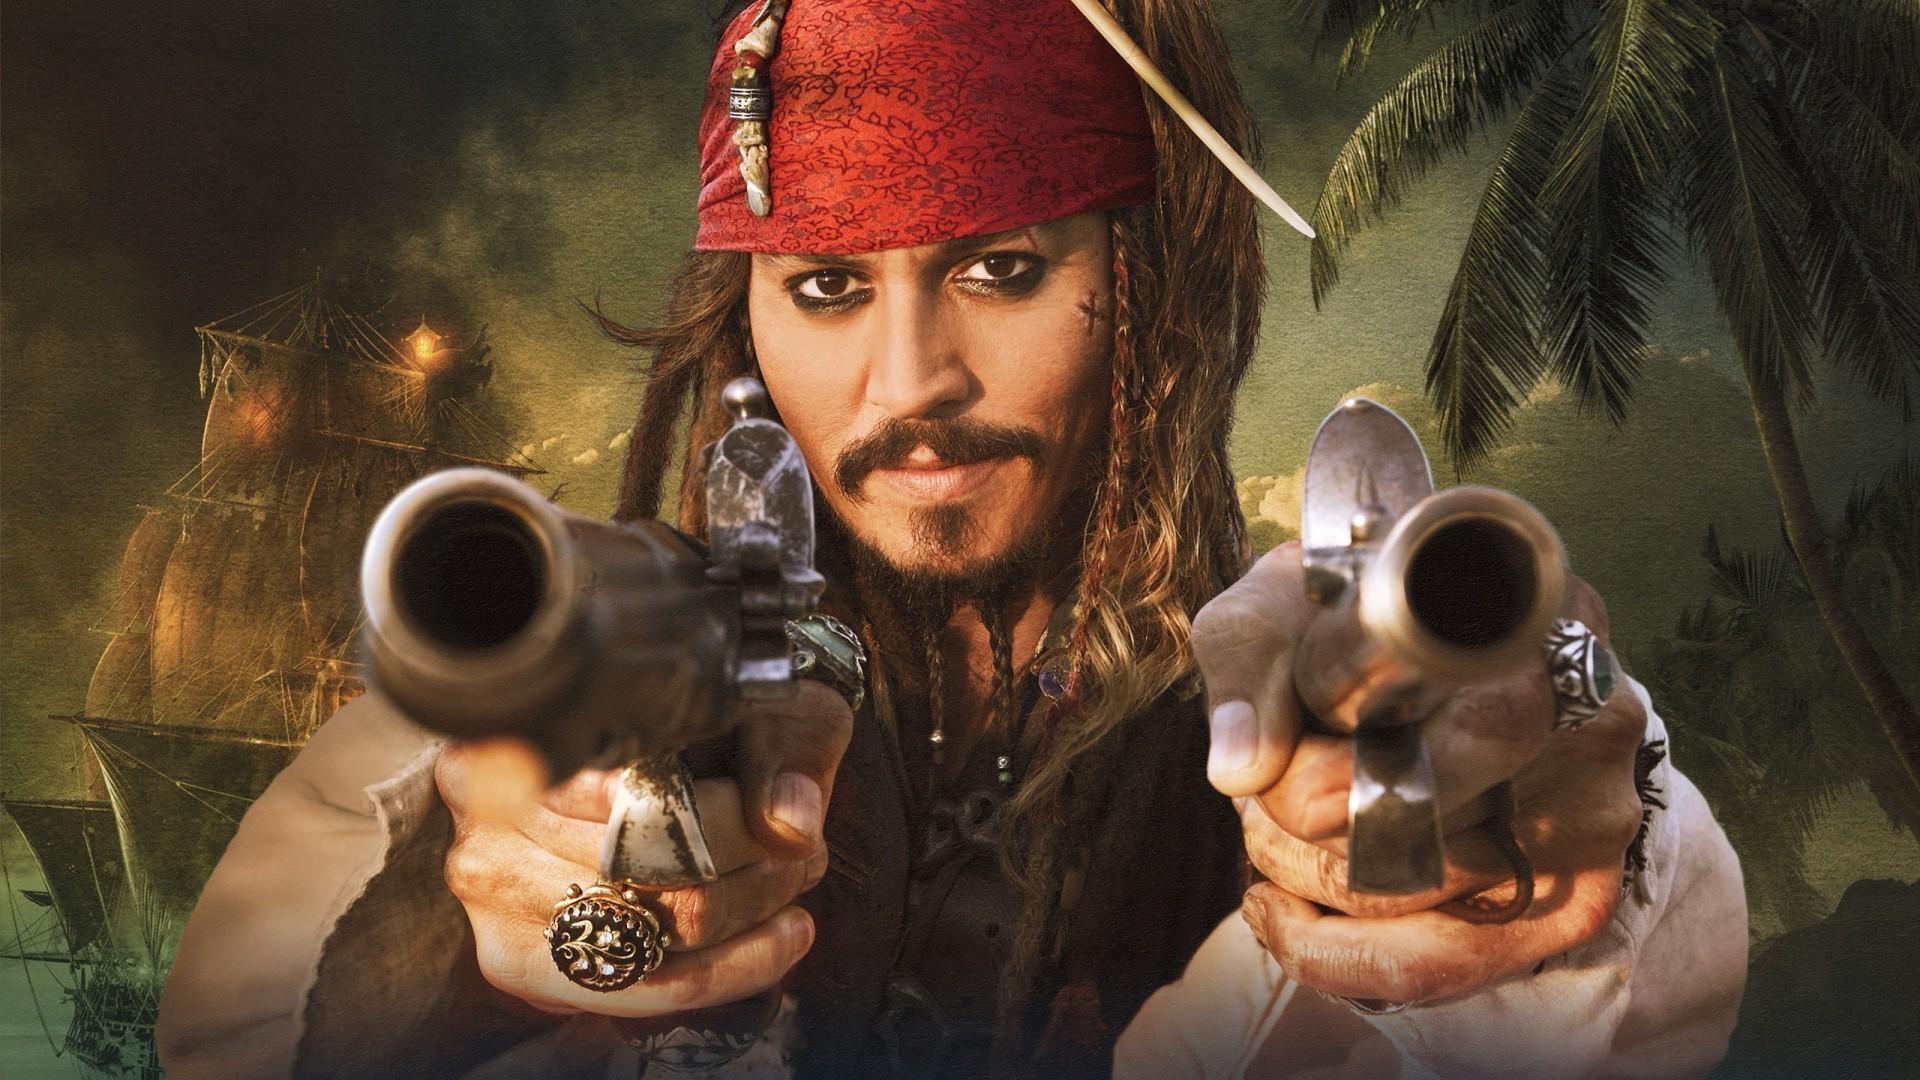 Fondos De Pantalla Soldado Piratas Piratas Del Caribe